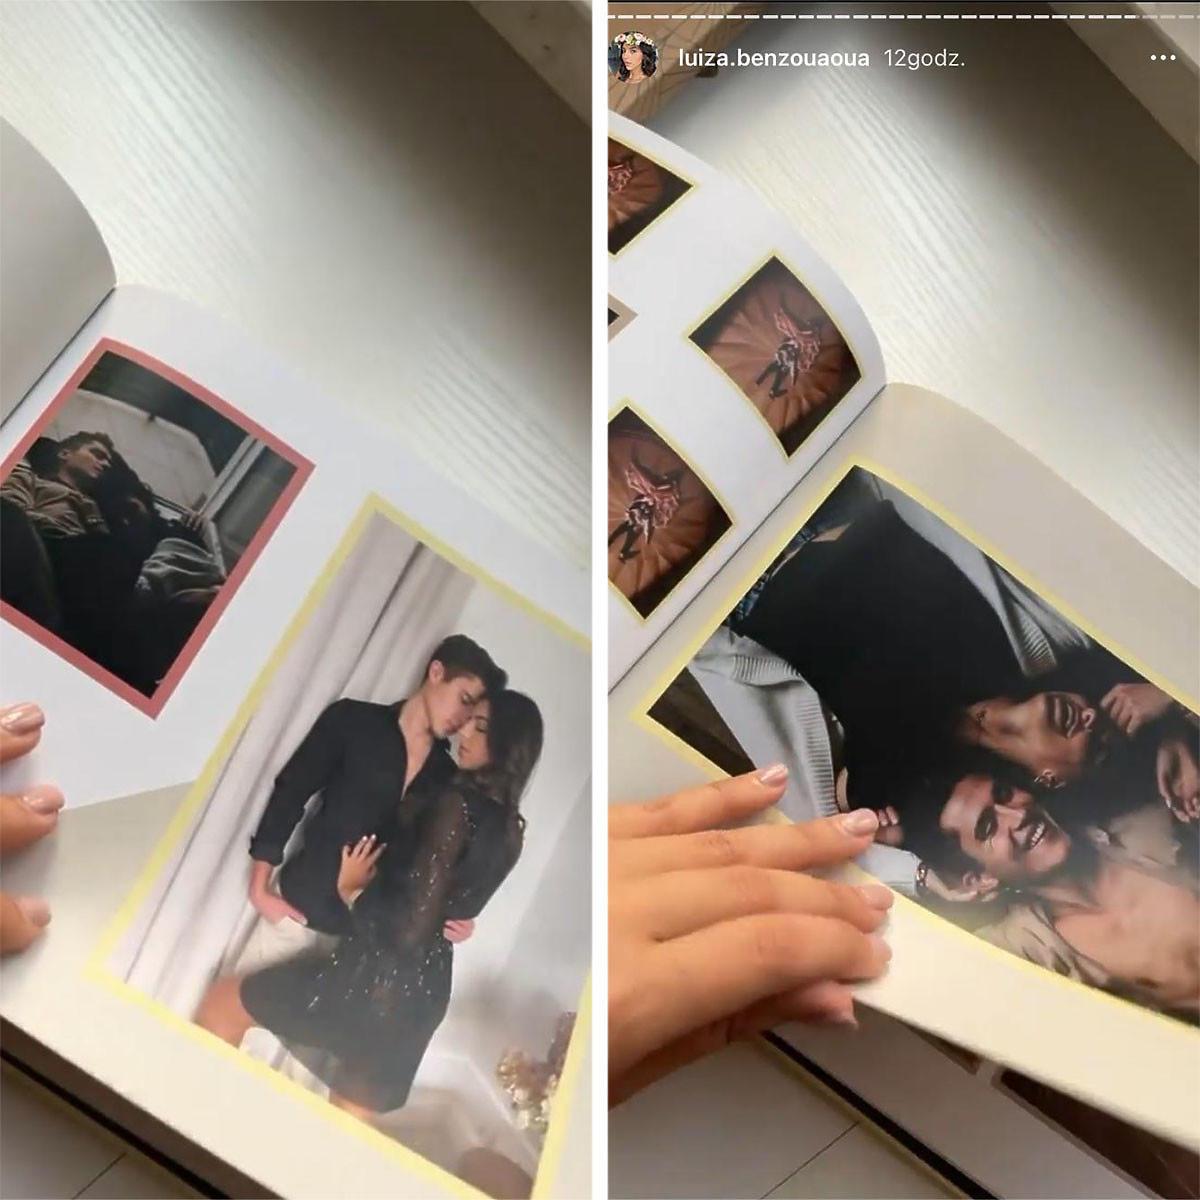 Luiza pokazała romantyczne zdjęcia z Maurycym z